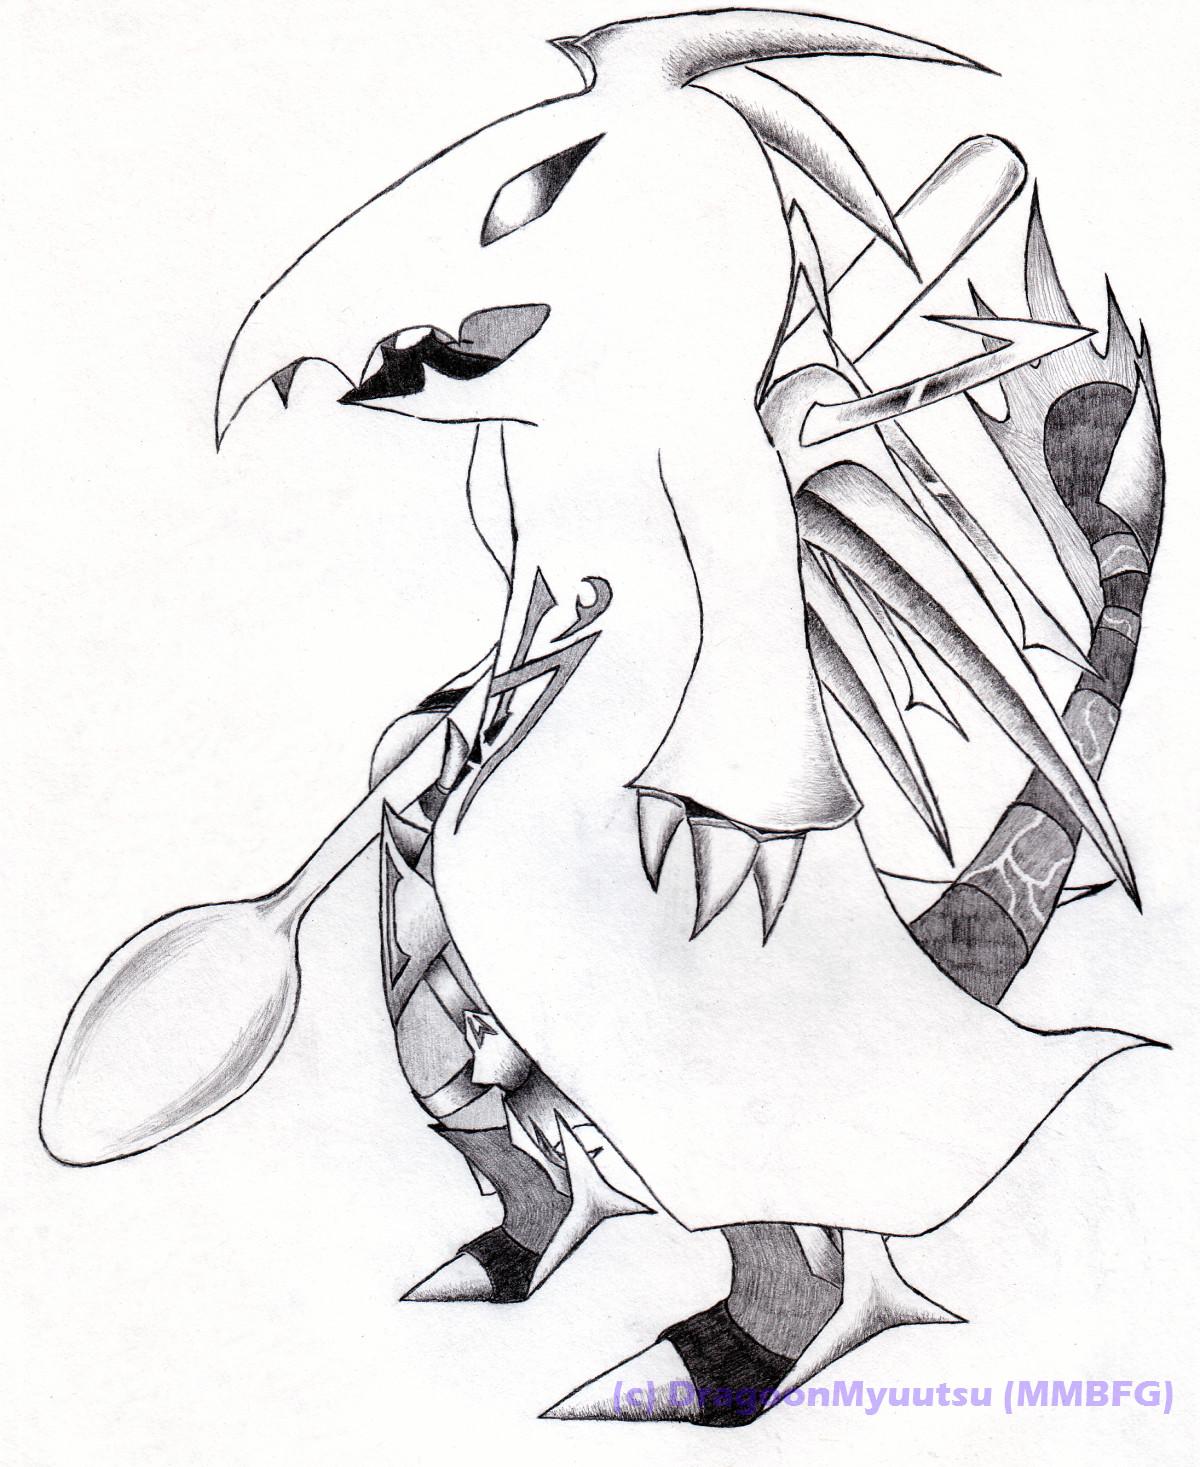 DragoonMyuutsu's Profile Picture